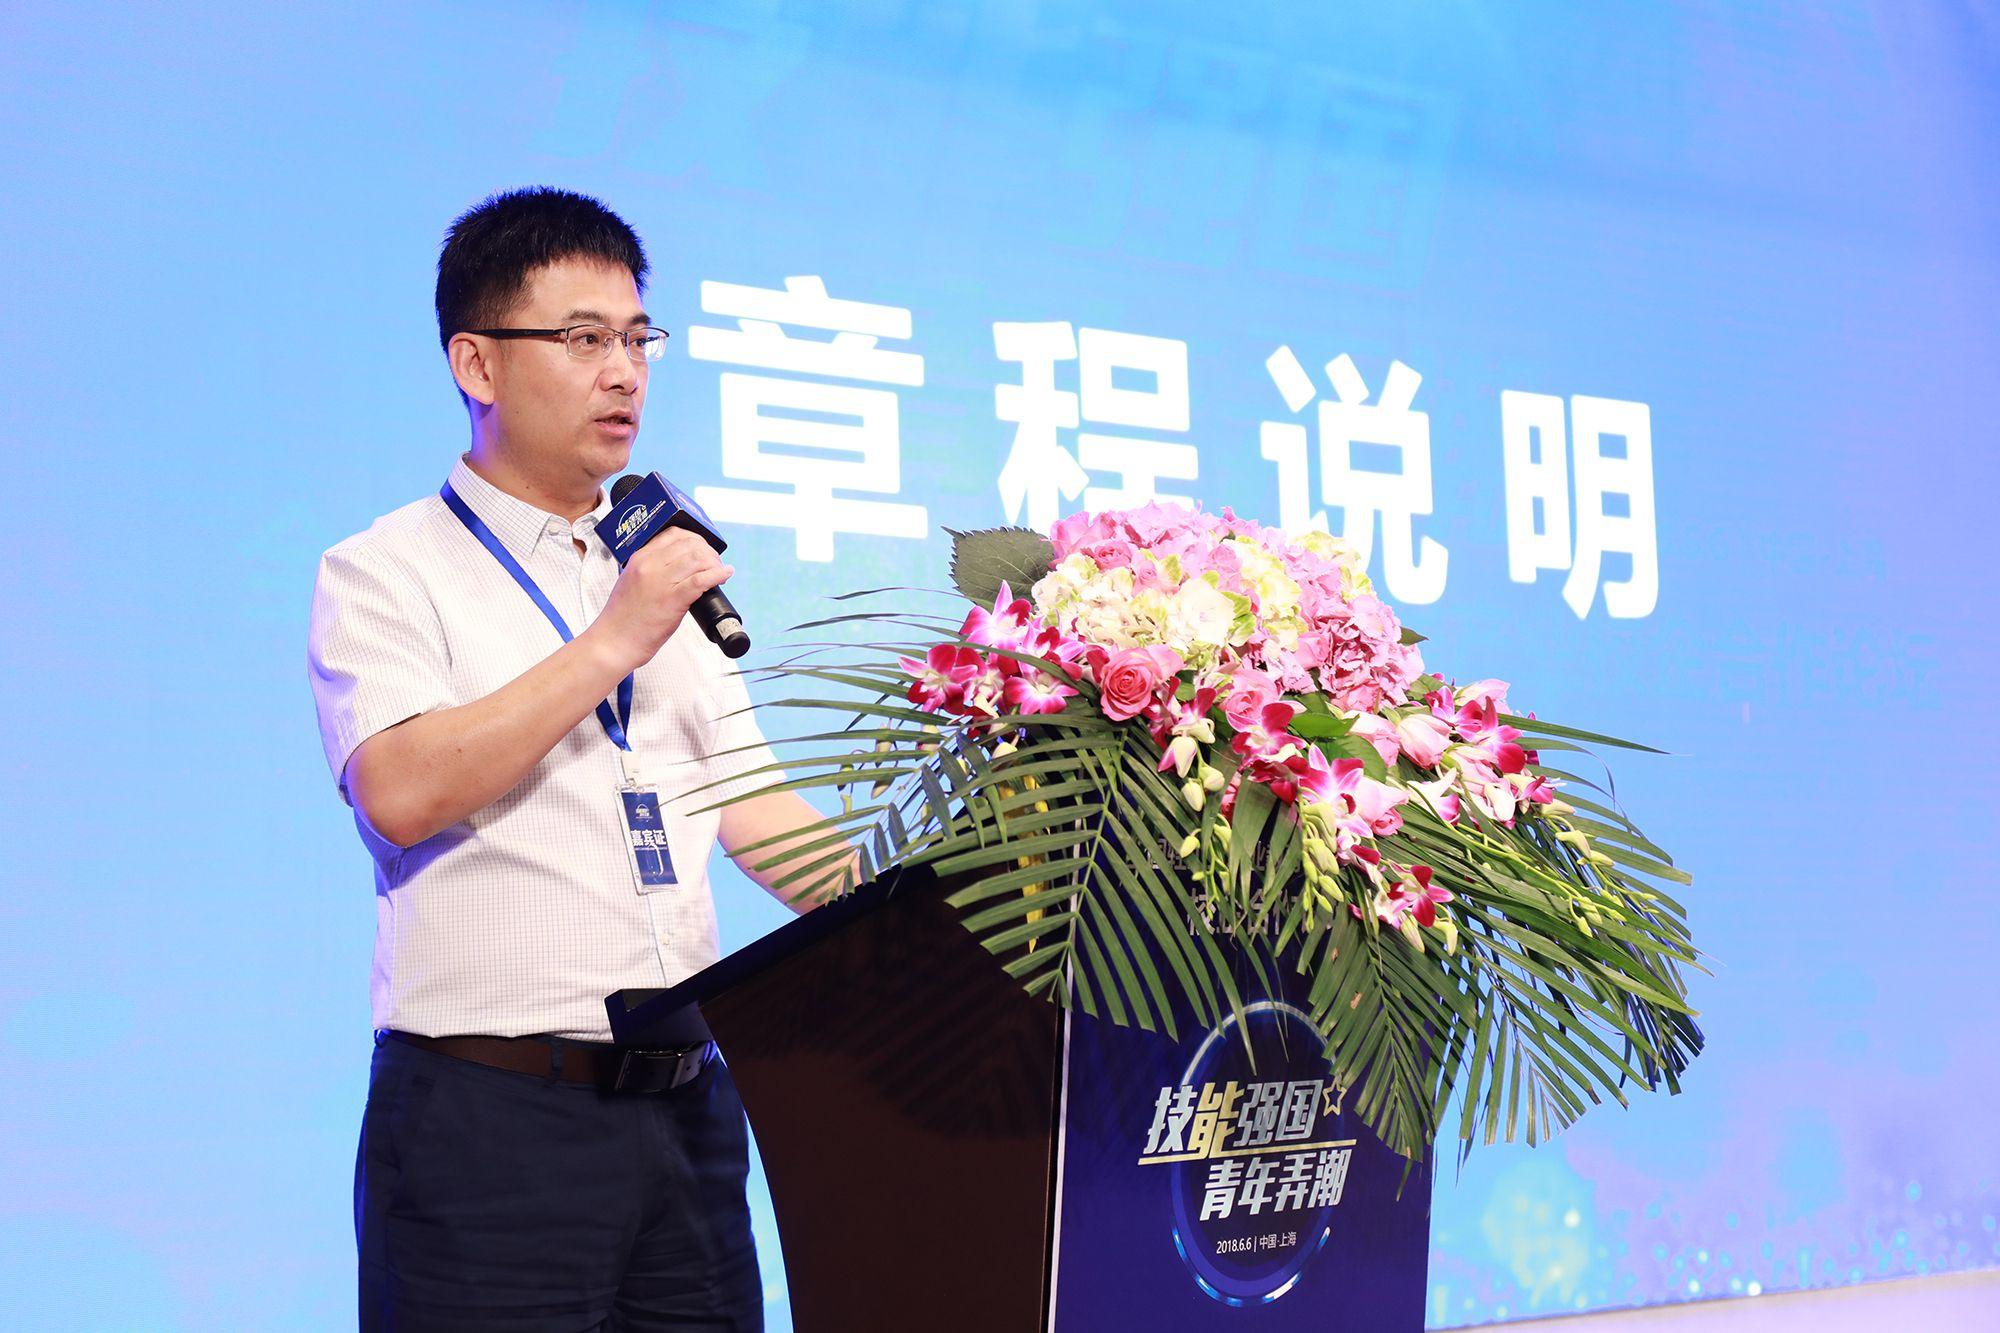 黑龙江林业职业技术学院院长薛弘宣读章程.jpg